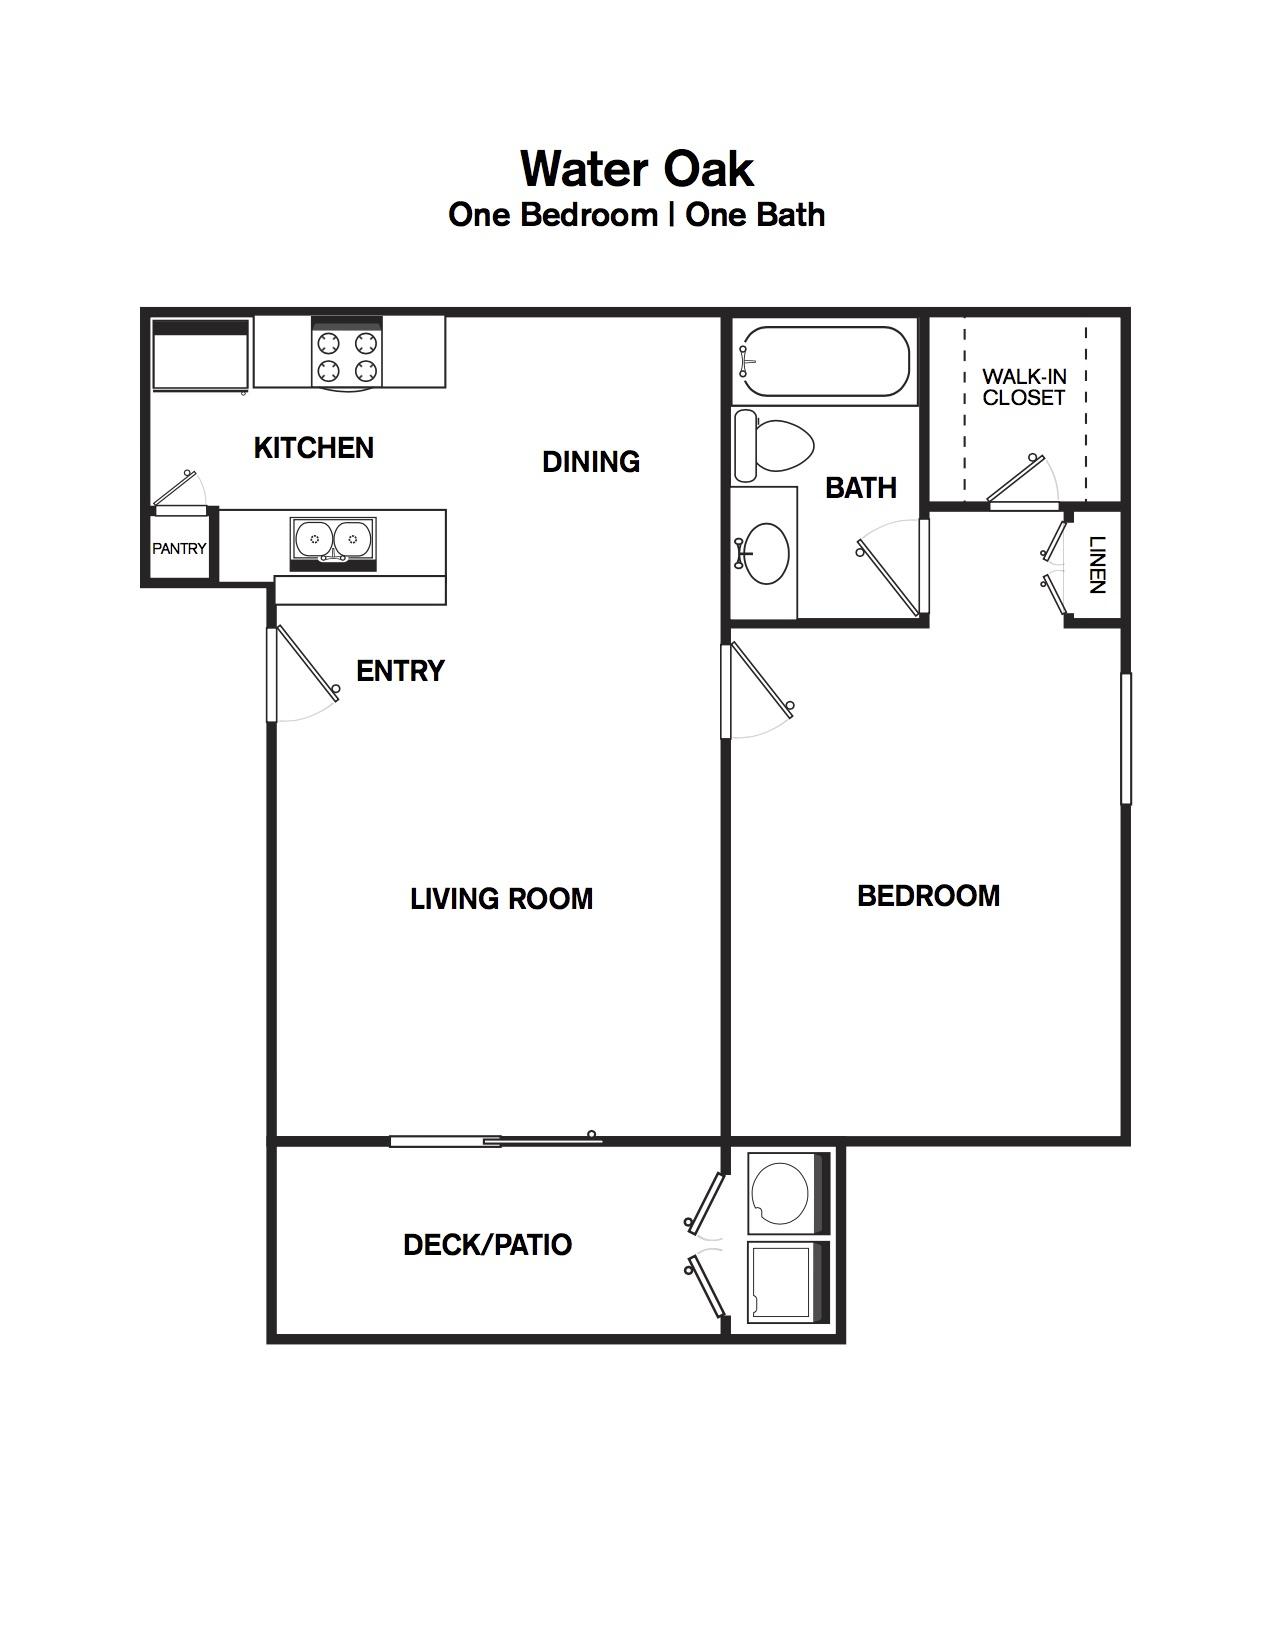 Water Oak Oak - one bedroom one bath